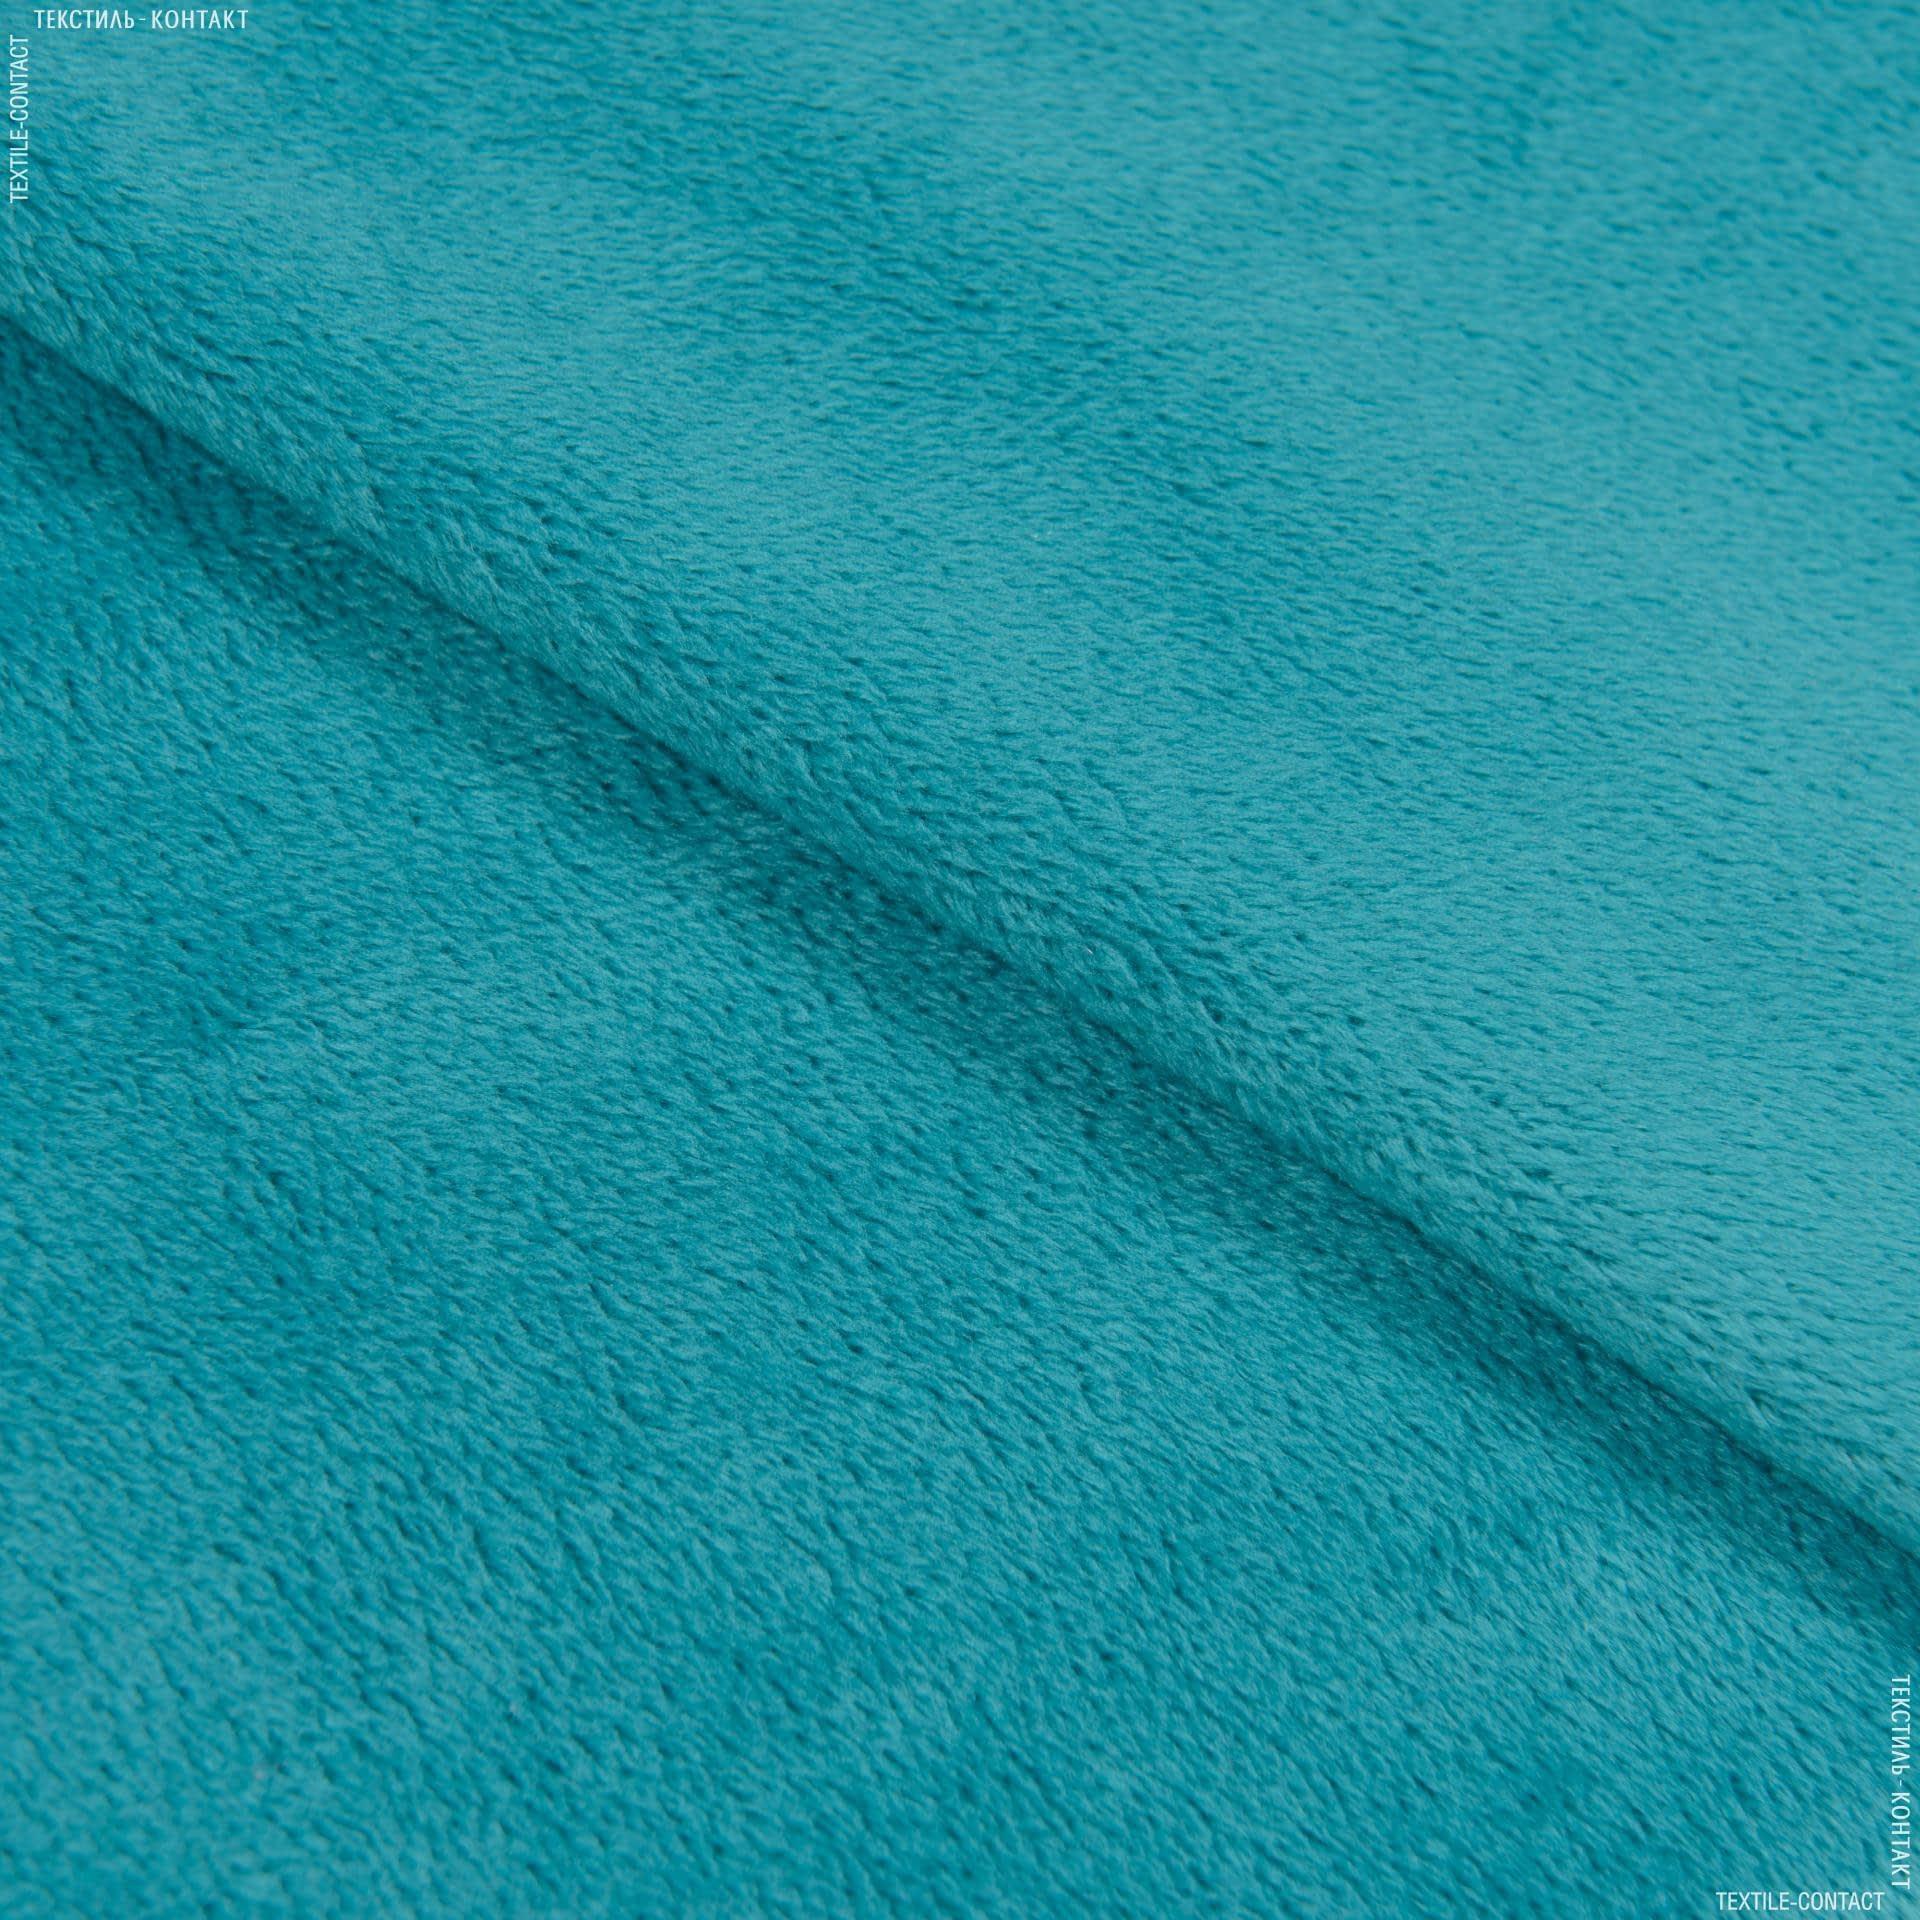 Ткани для верхней одежды - Плюш (вельбо) бирюзовый